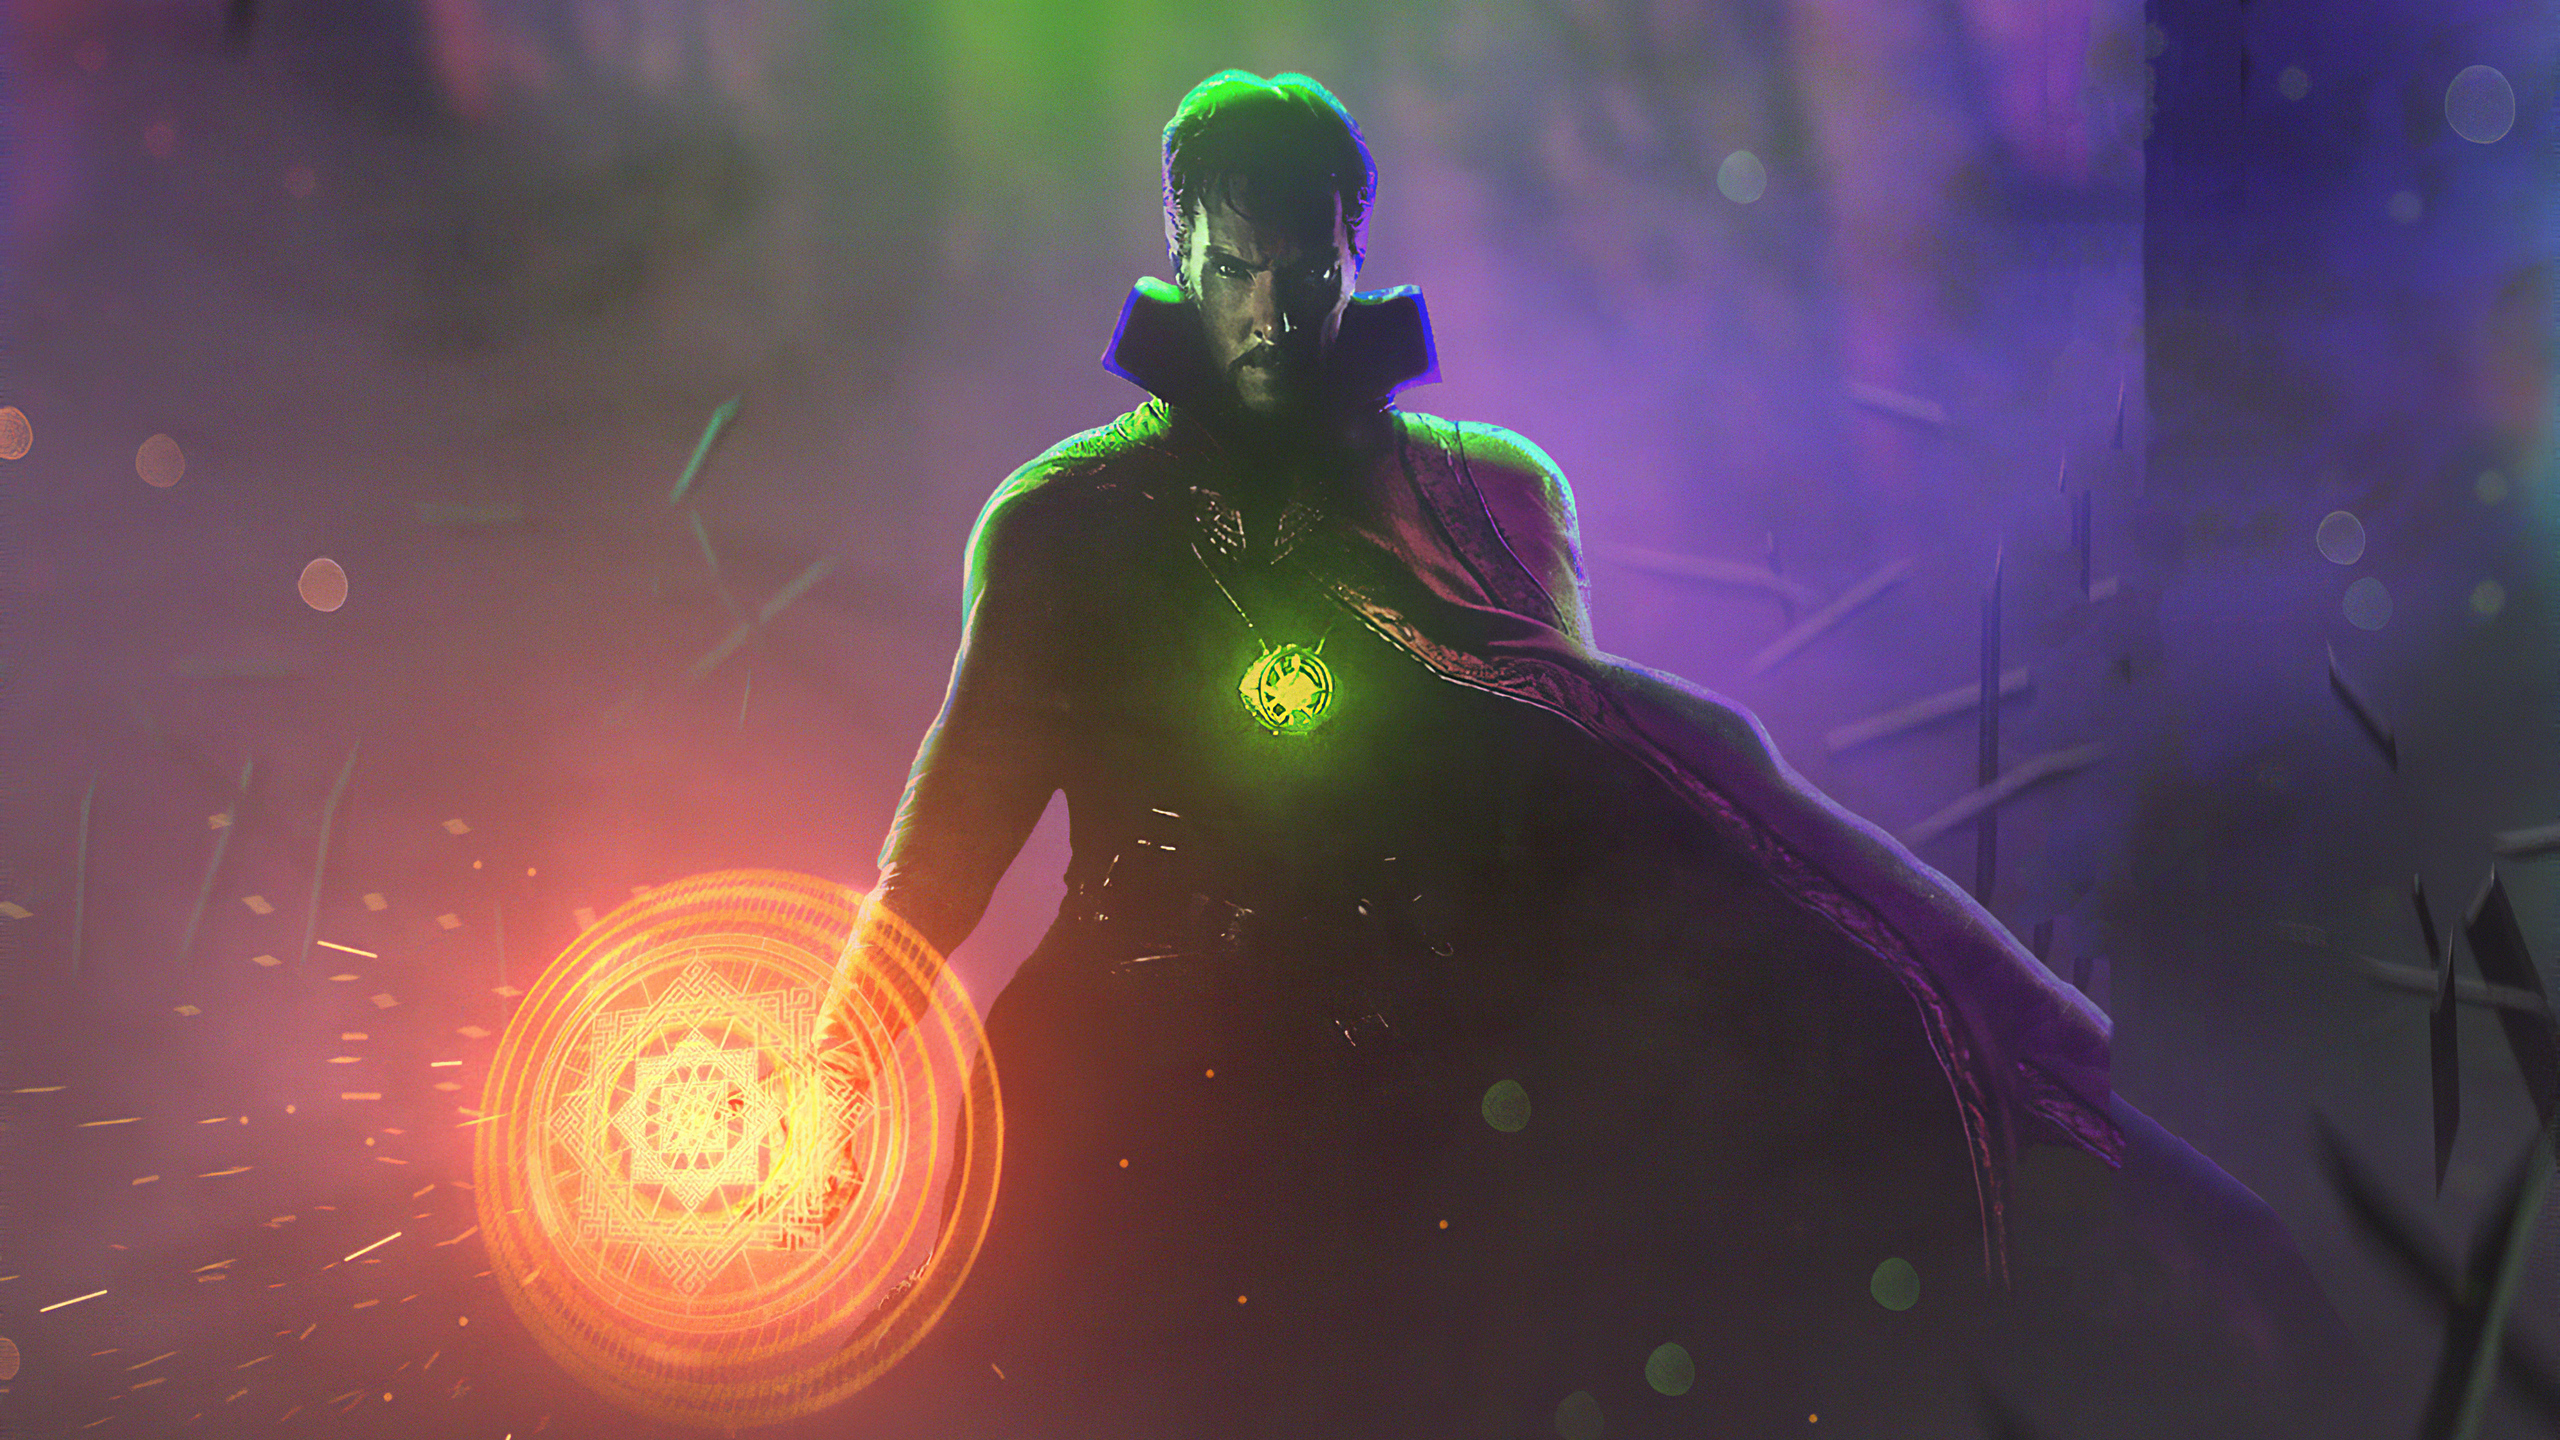 2560x1440 4k Doctor Strange Artwork 2020 1440P Resolution ...